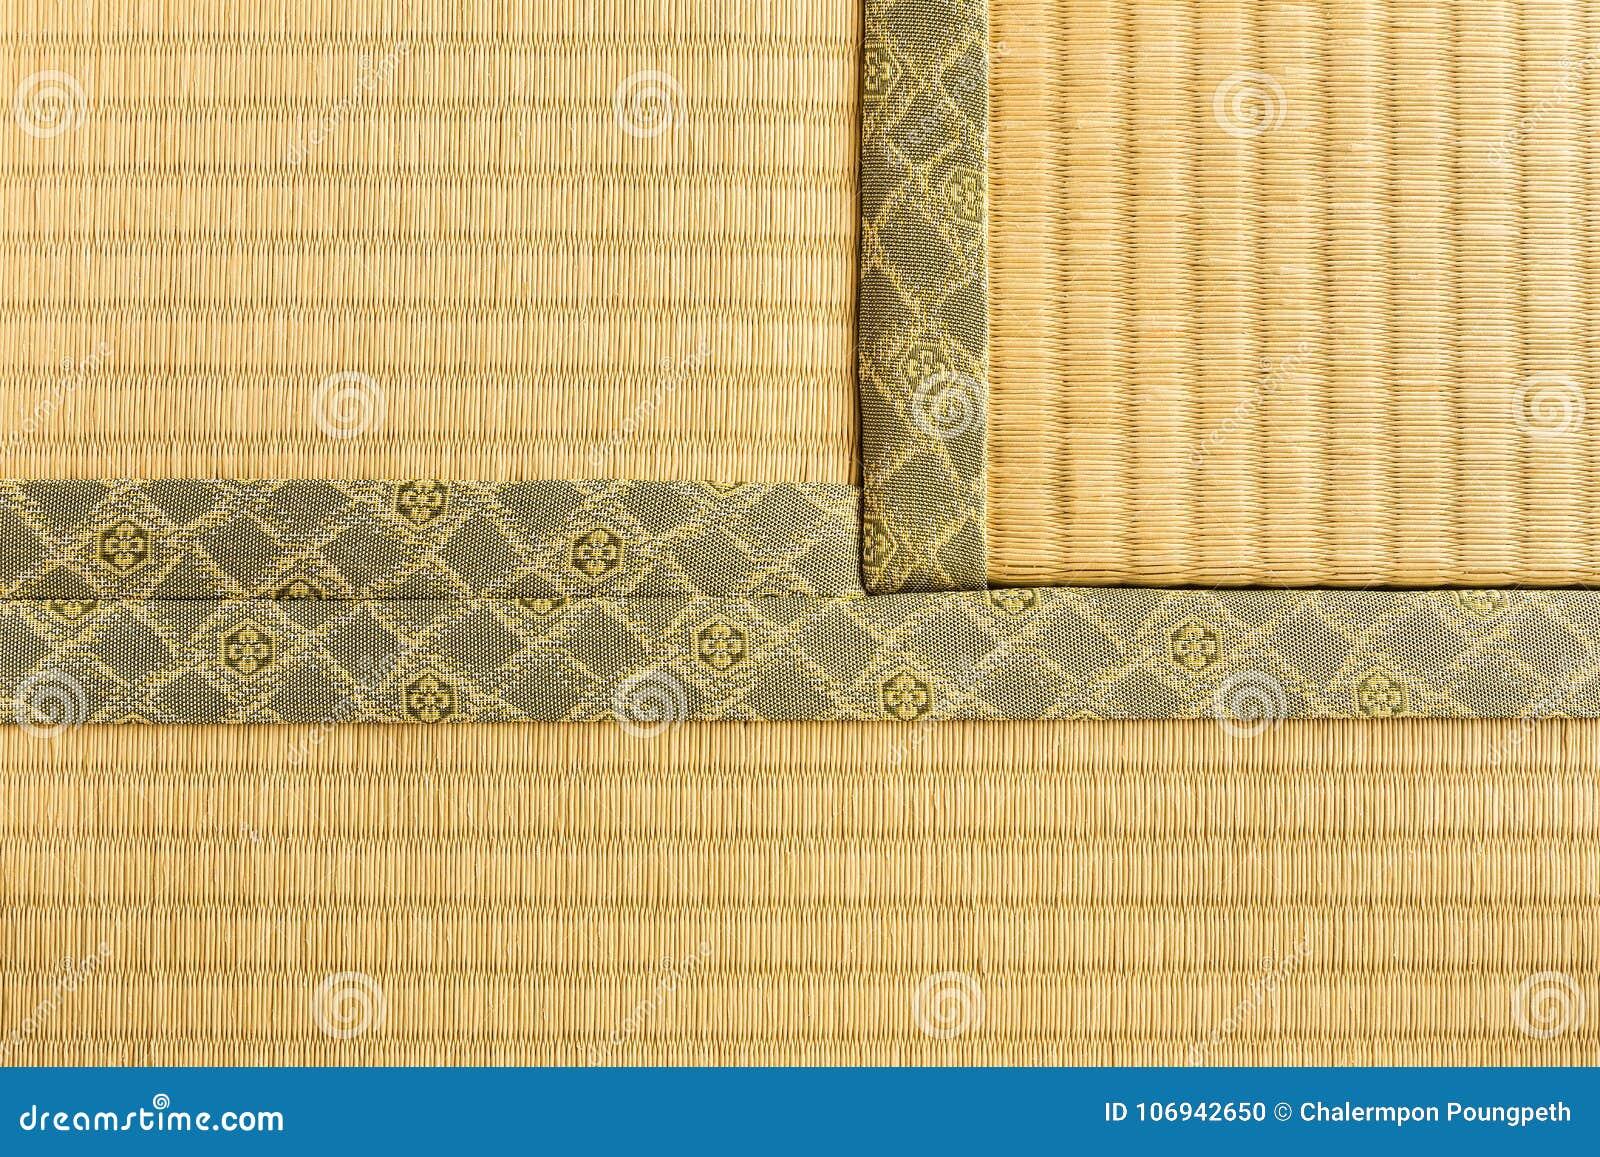 Trois Sections De Tatami Tapis Japonais De Plancher De Piece De